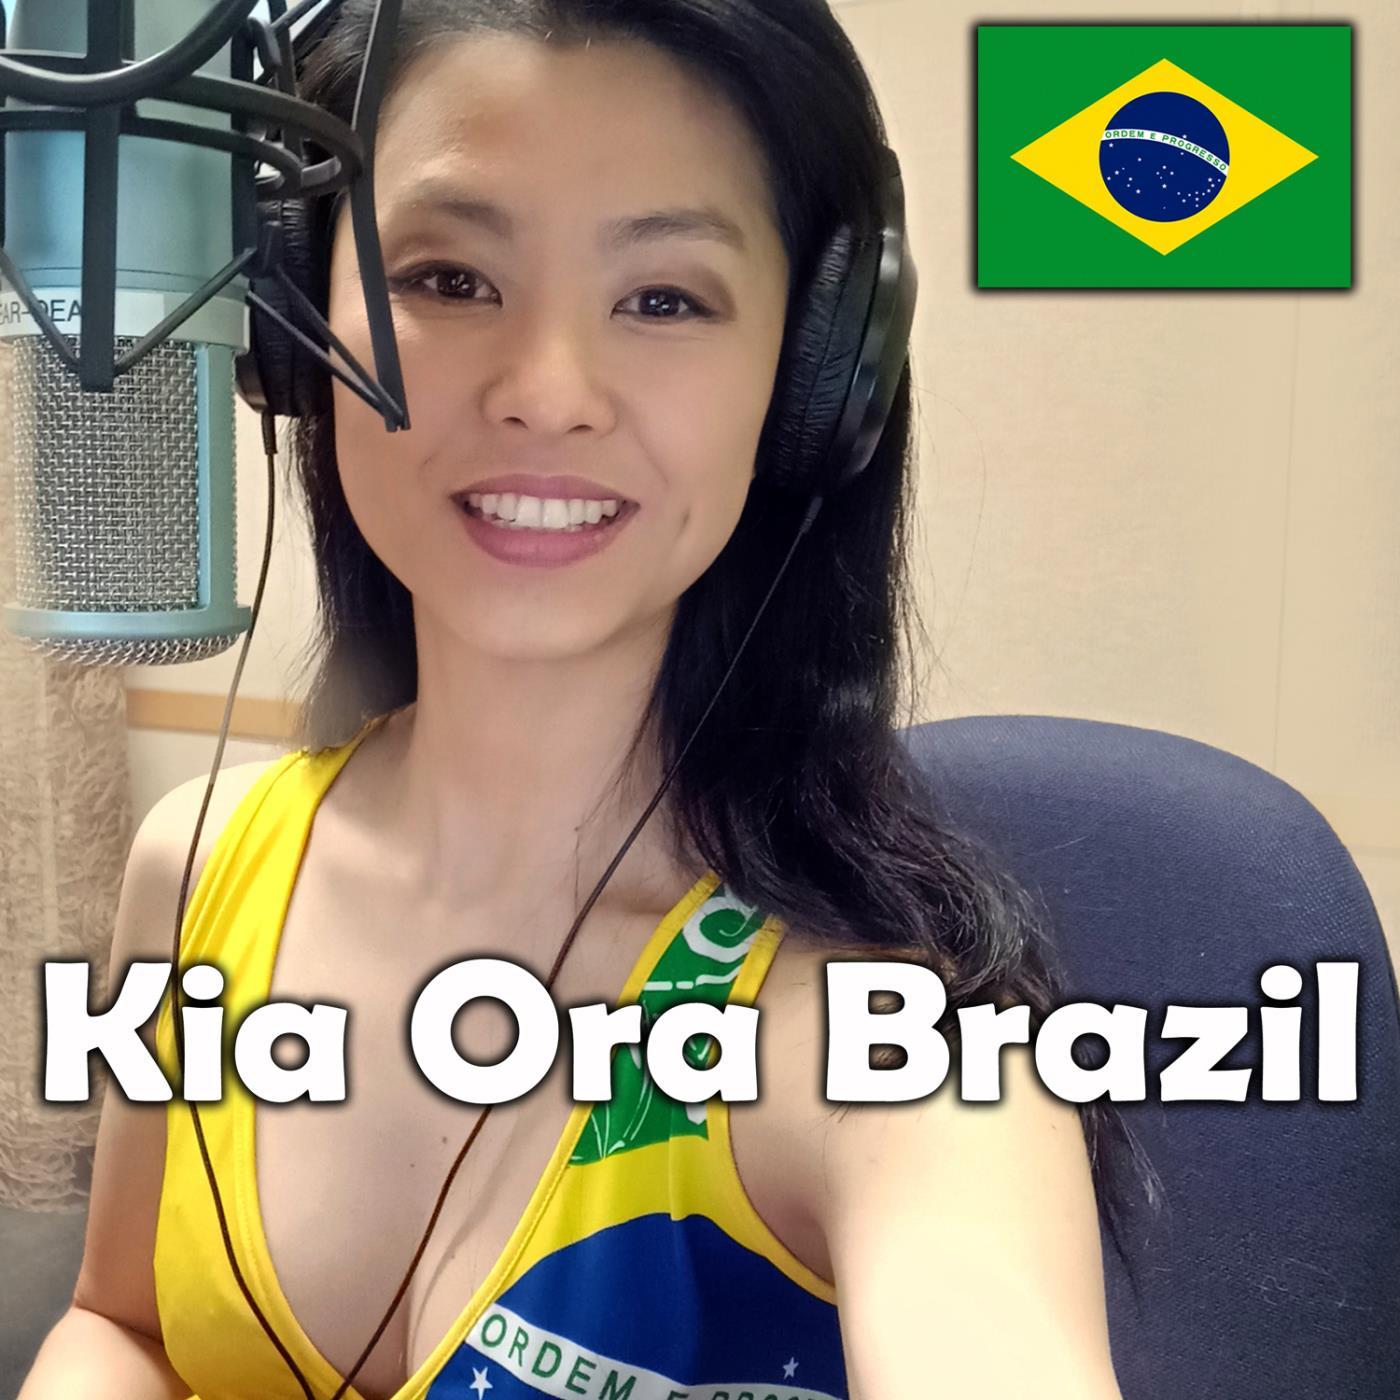 Kia Ora Brazil